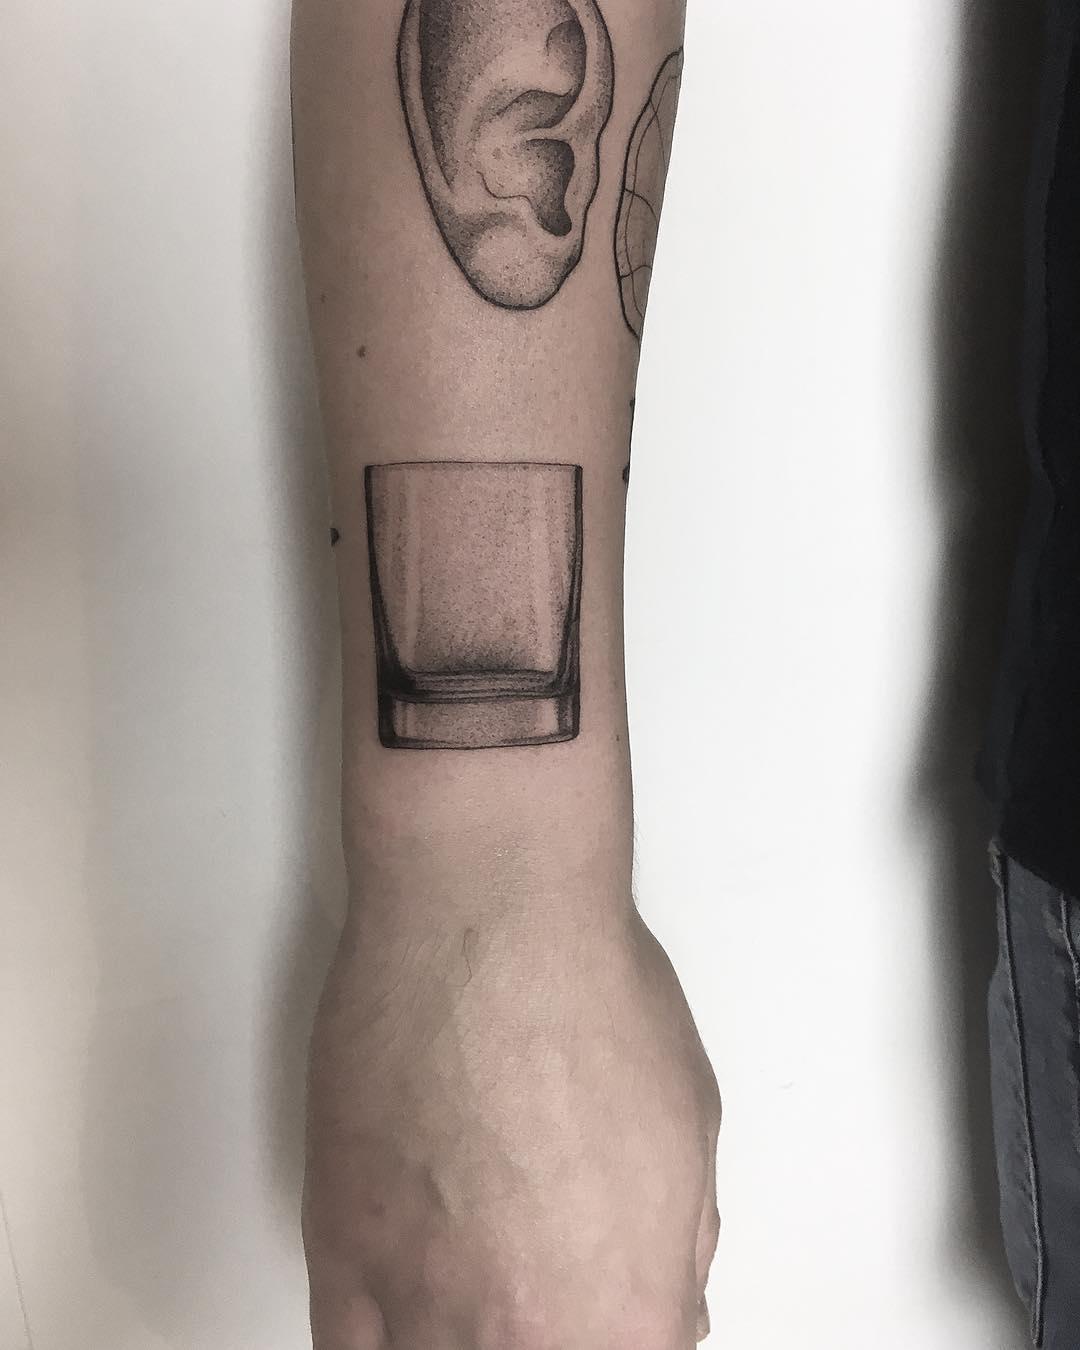 Whiskey tumbler tattoo by tattooist Spence @zz tattoo